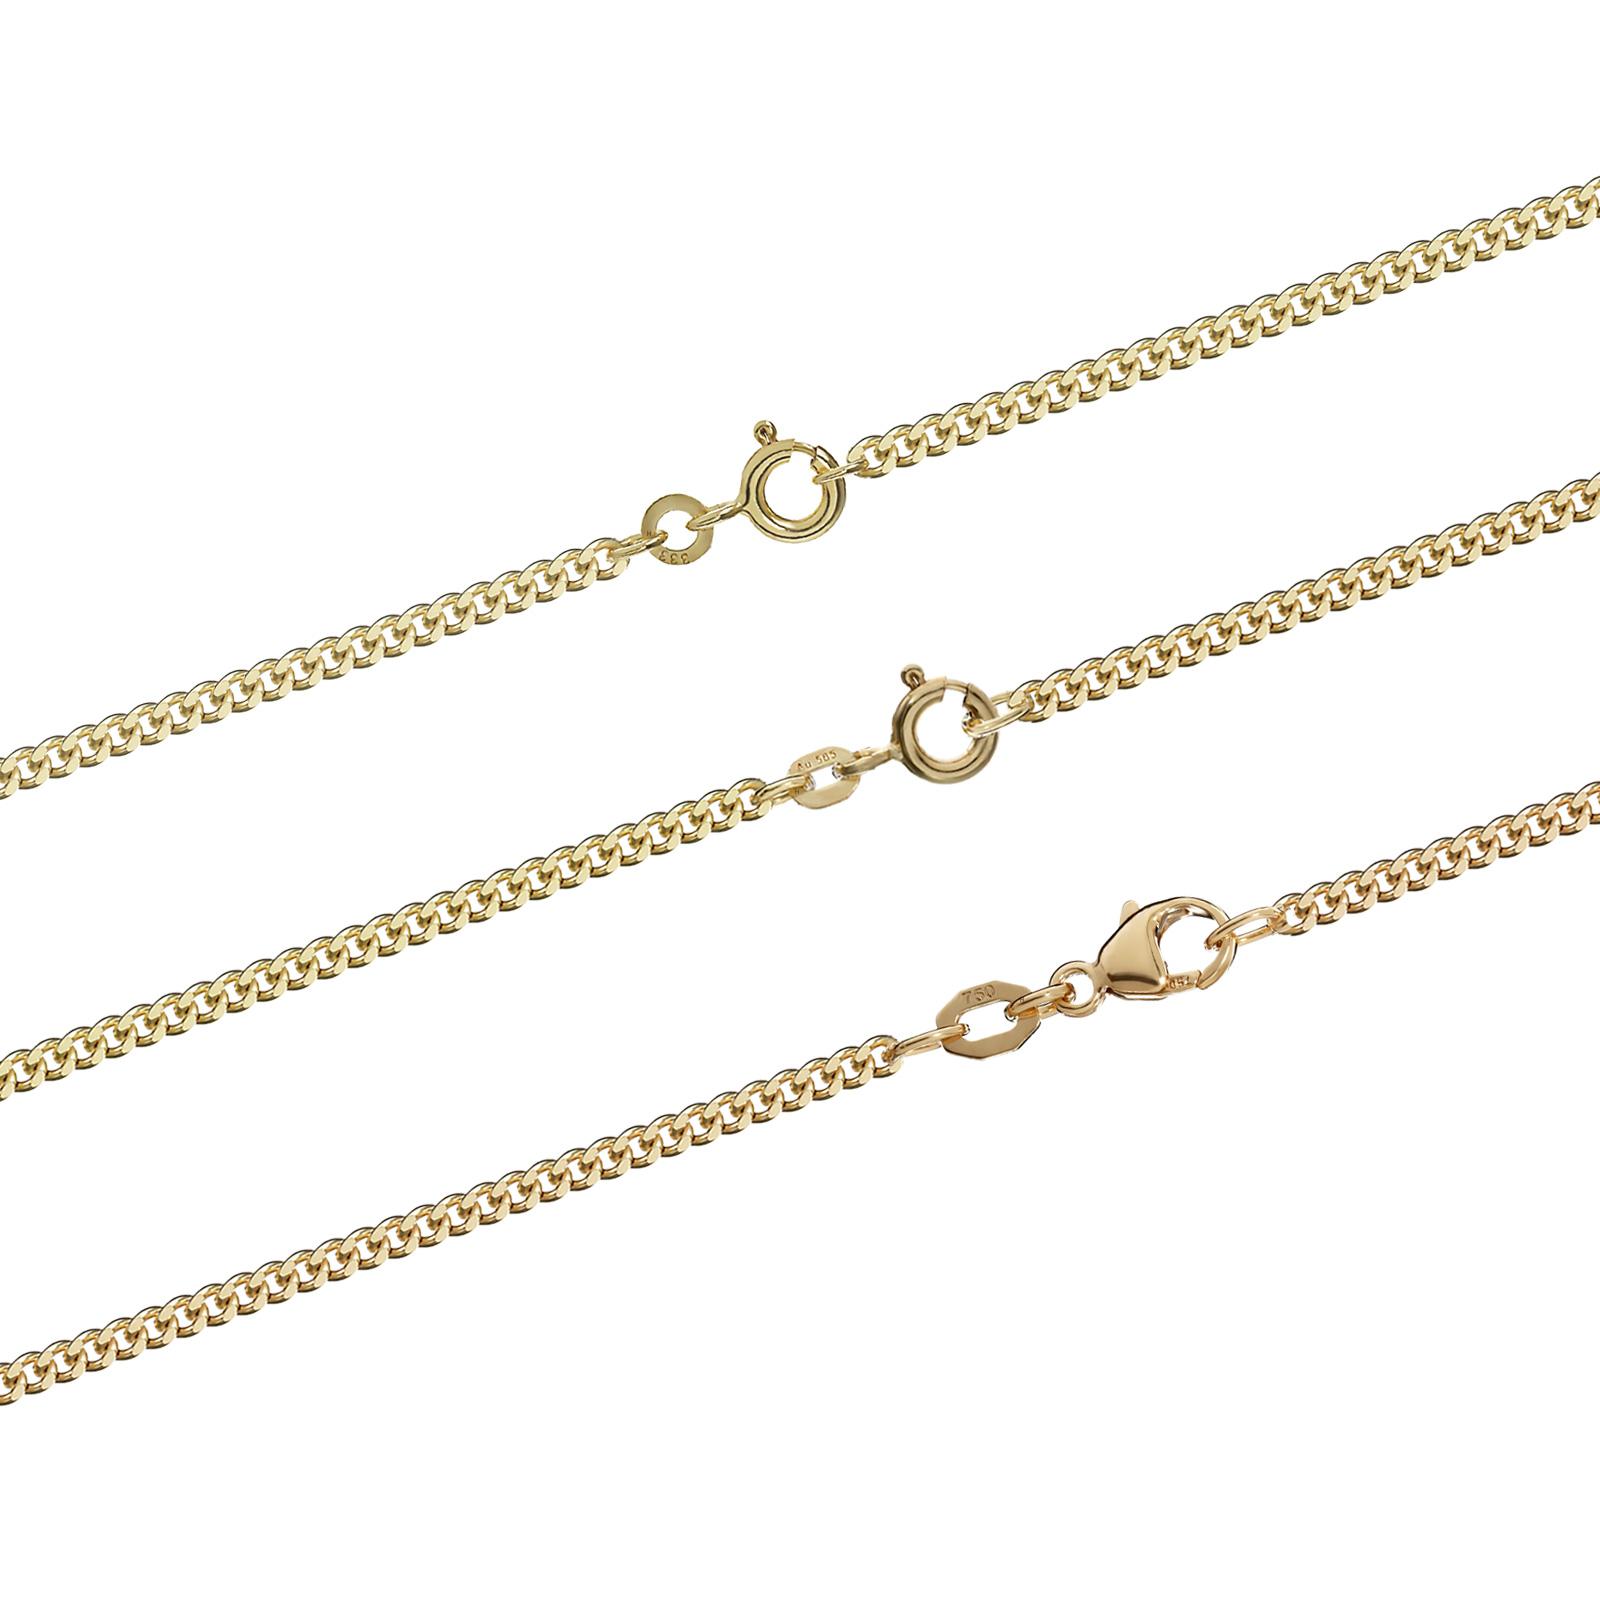 panzerkette massiv gelb gold kette halskette collier echtschmuck damen herren ebay. Black Bedroom Furniture Sets. Home Design Ideas